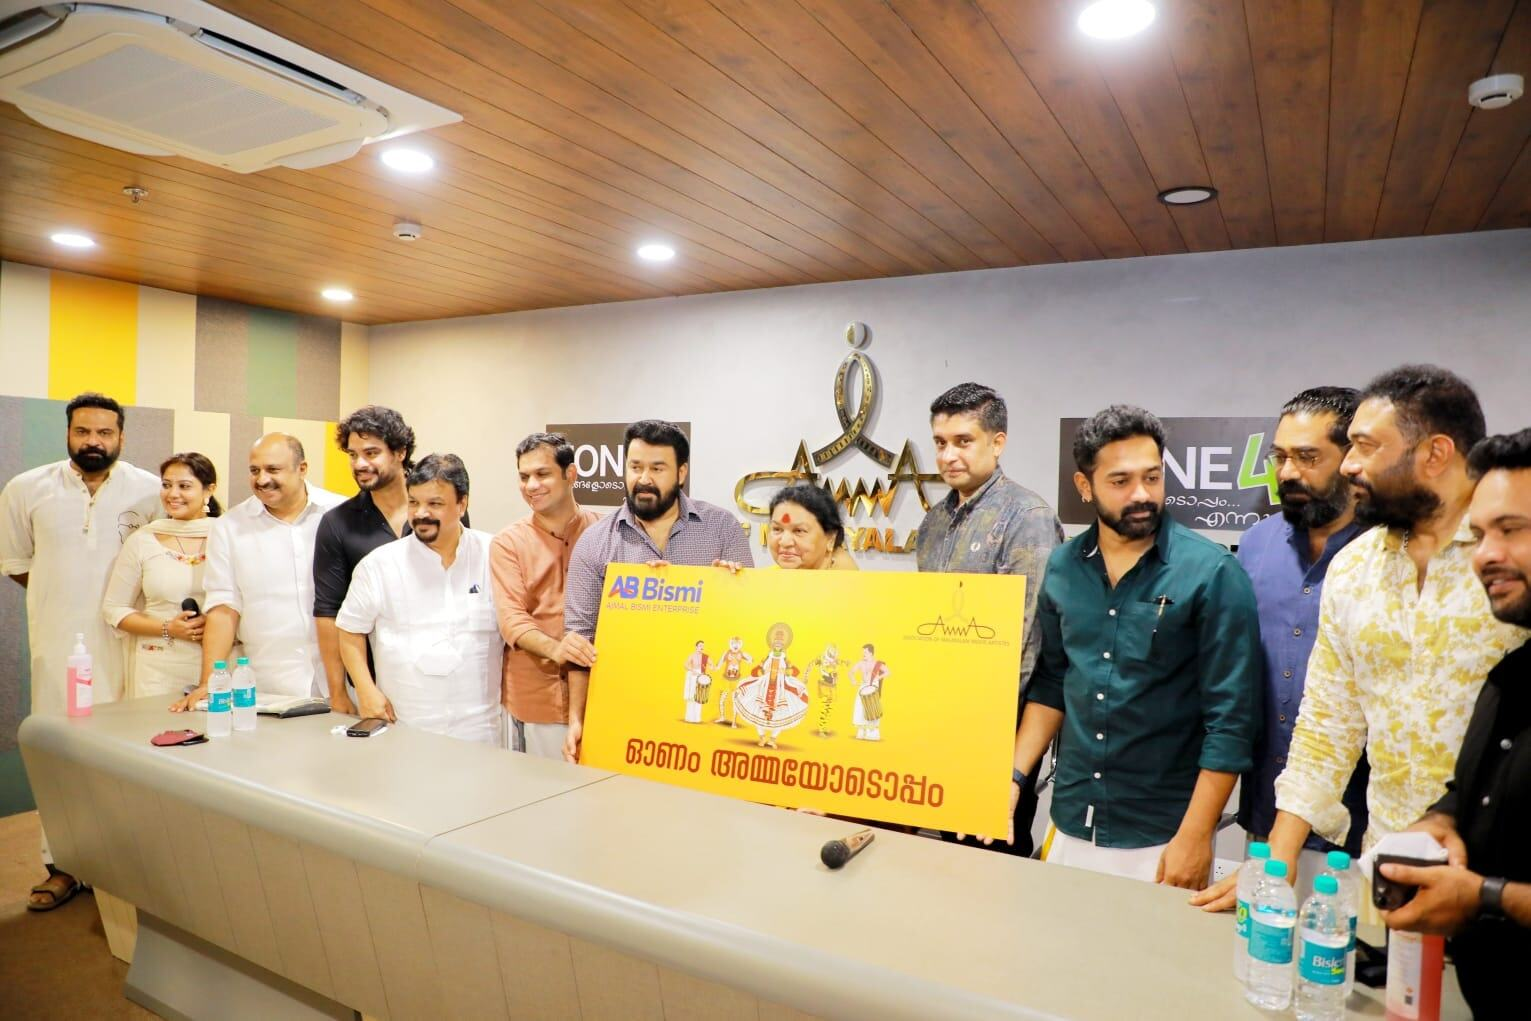 ഒപ്പം അമ്മയും പദ്ധതി ഉദ്ഘാടനം ചെയ്ത് മോഹന്ലാല്: സൗജന്യമായി നല്കുന്നത് 100  ടാബ്ലറ്റുകള്